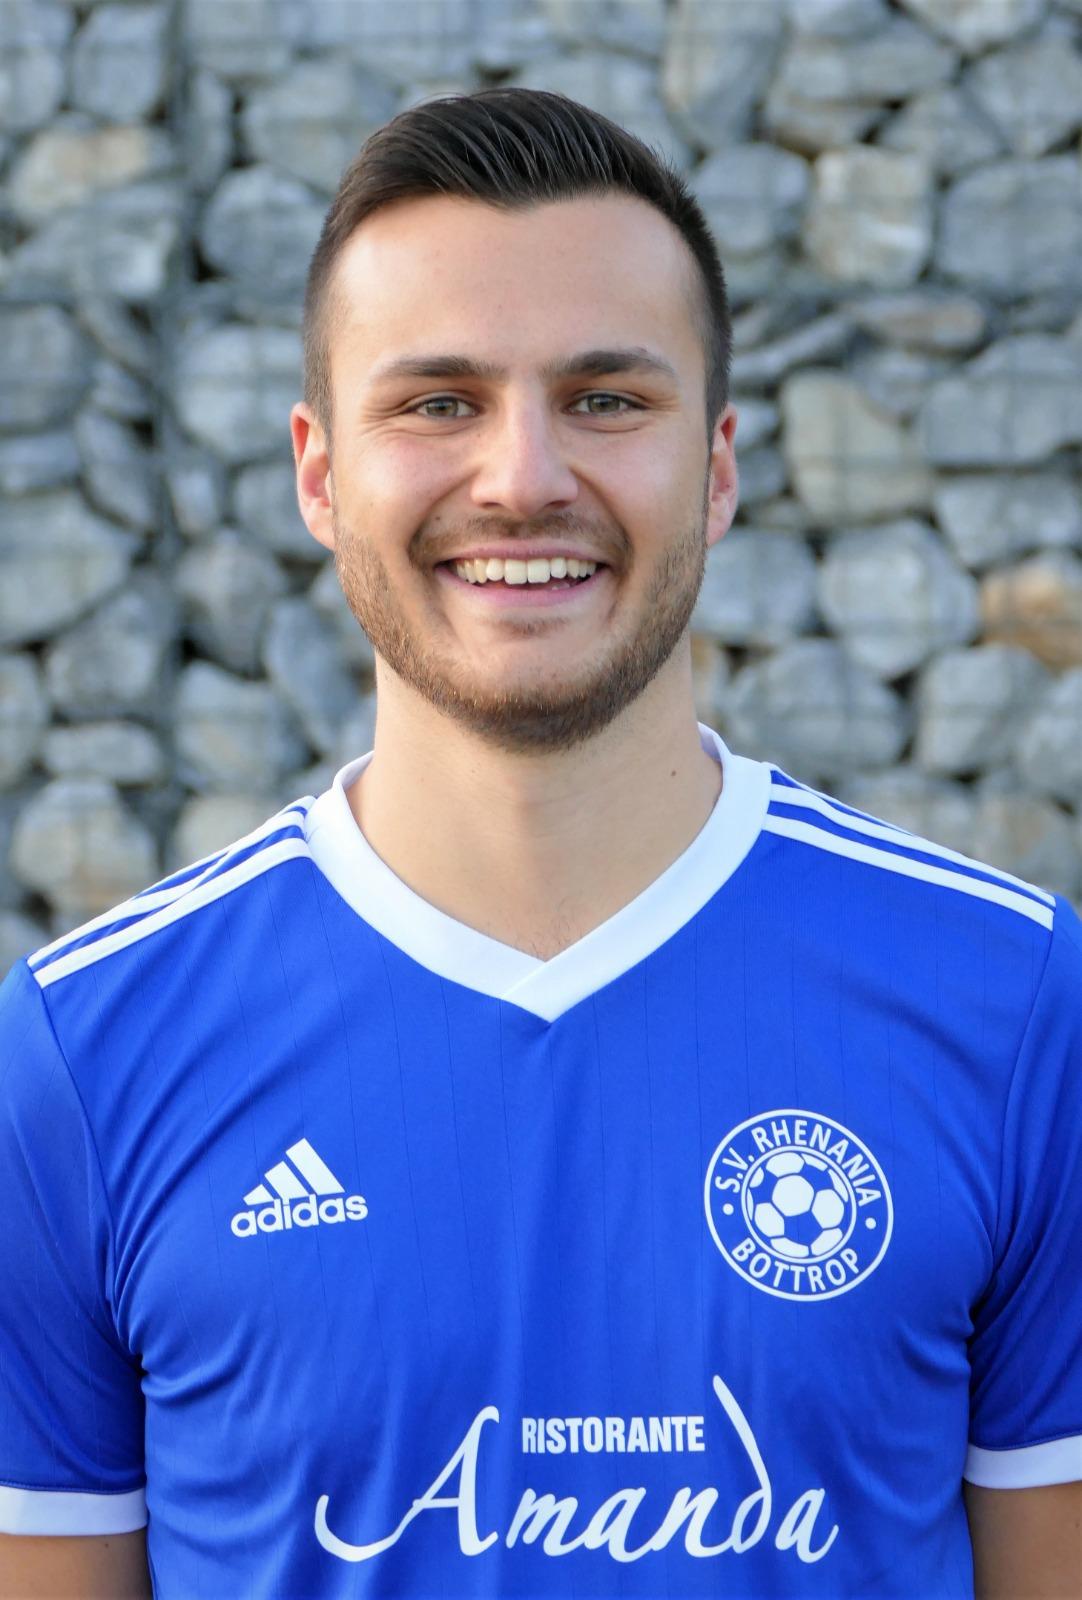 Adrian Ghnizada